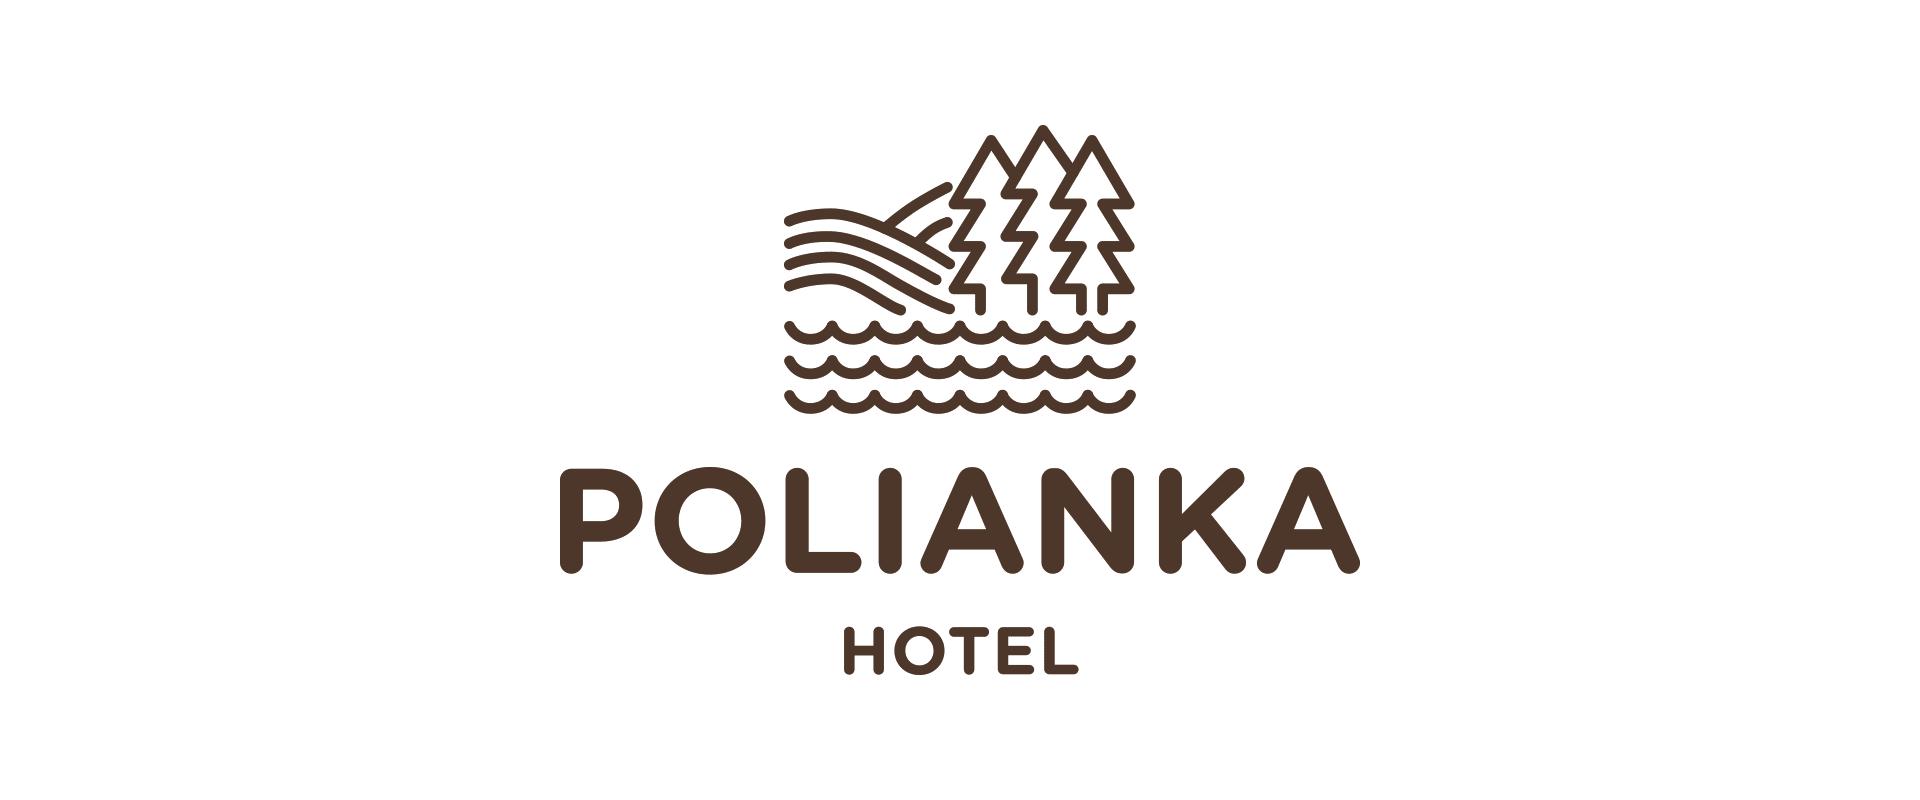 polianka-logo2